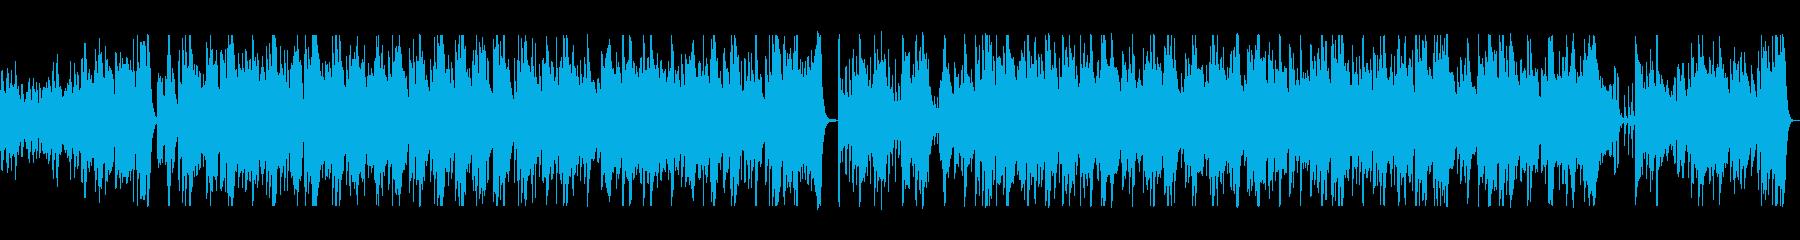 アコースティックギターの陽気なCM曲の再生済みの波形